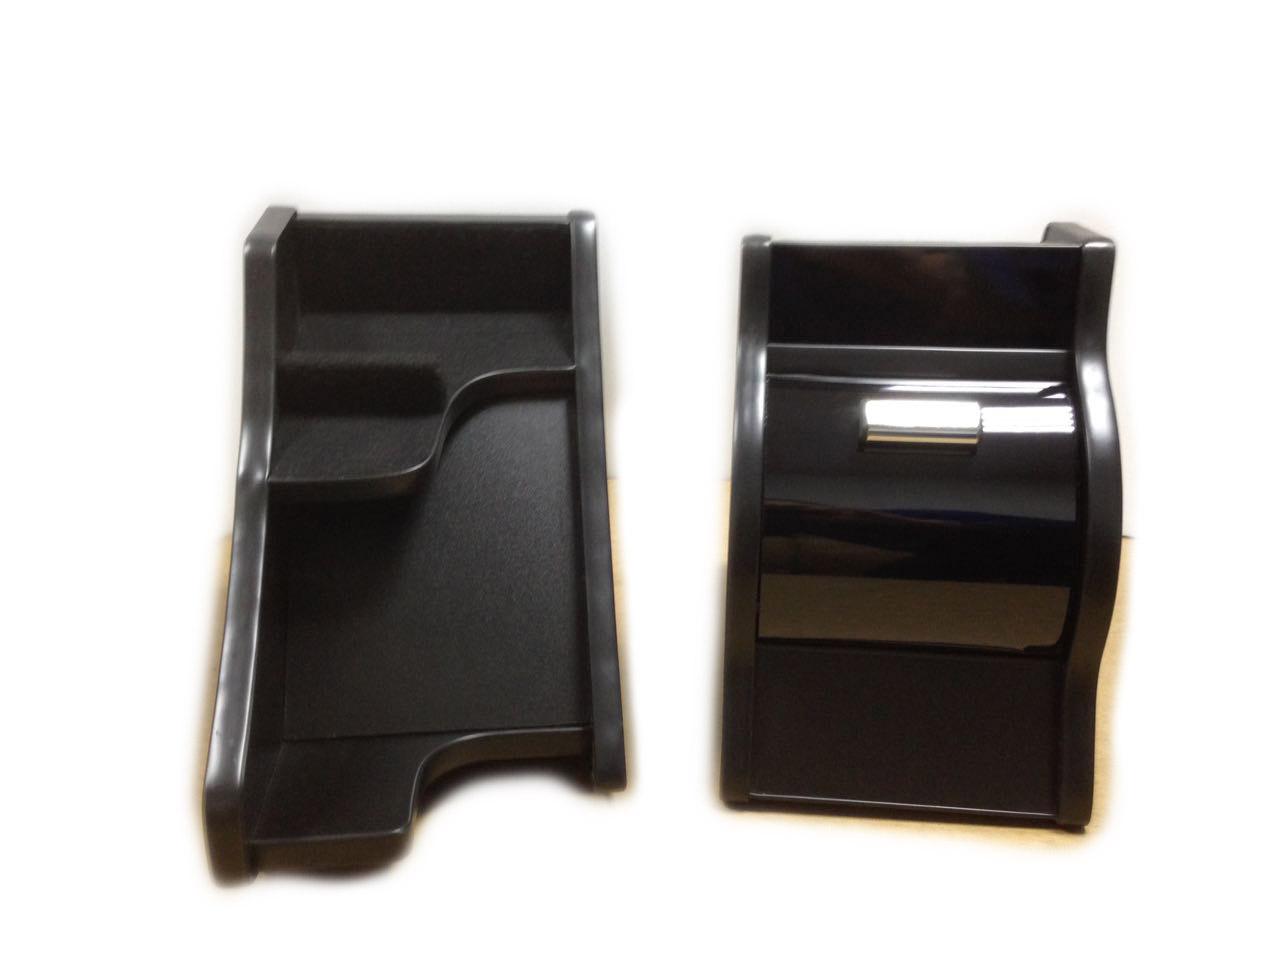 Консоль ЭЛЕГАНТ на Газель Некст с ручкой кпп на панели (черный декор)